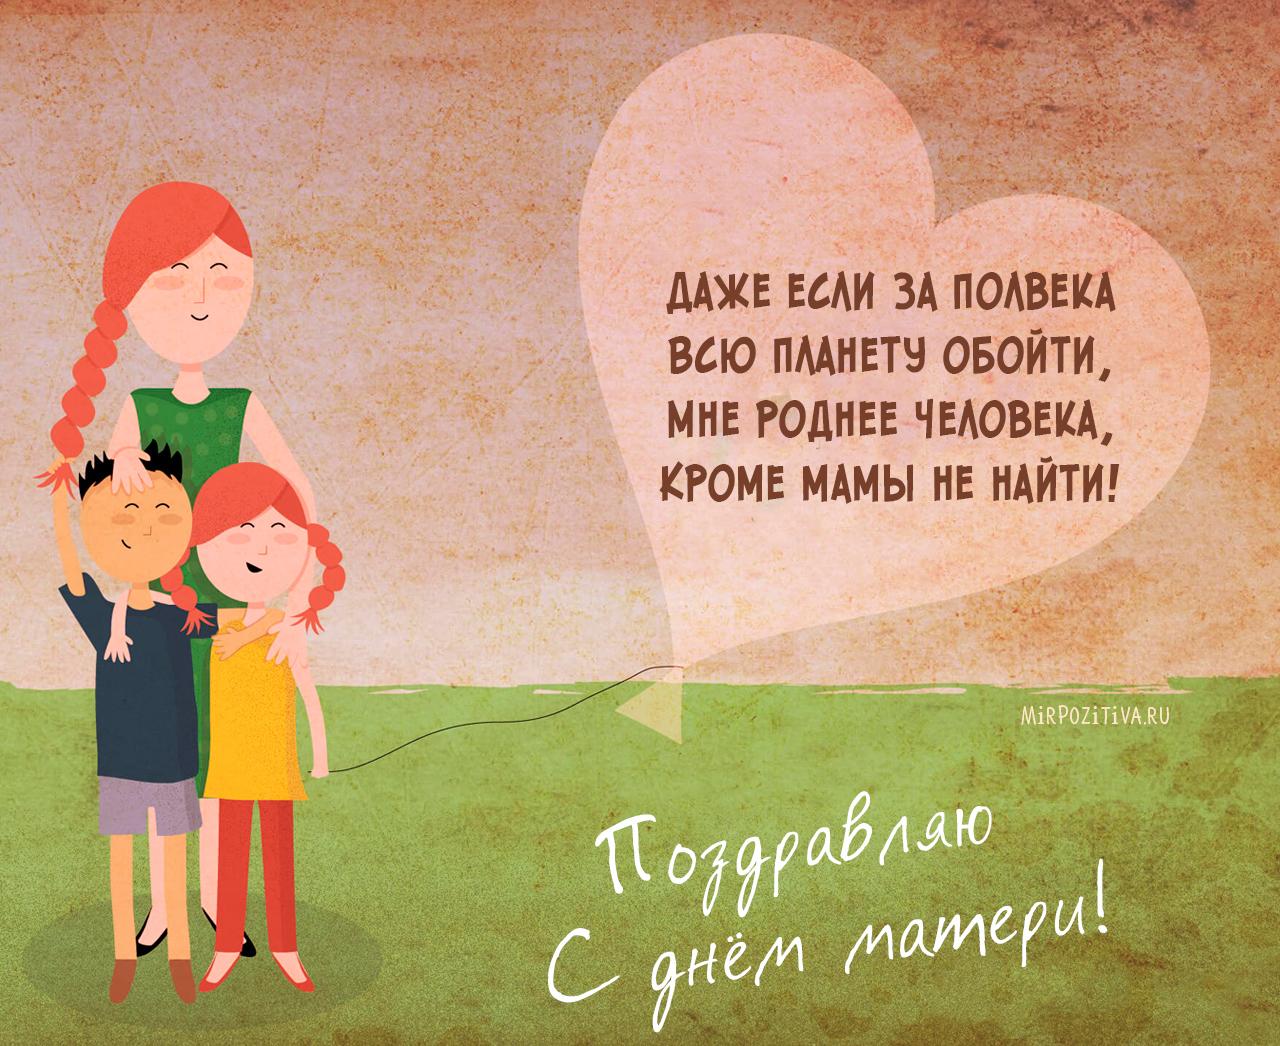 Стихами, оригинальные поздравления маме в картинках